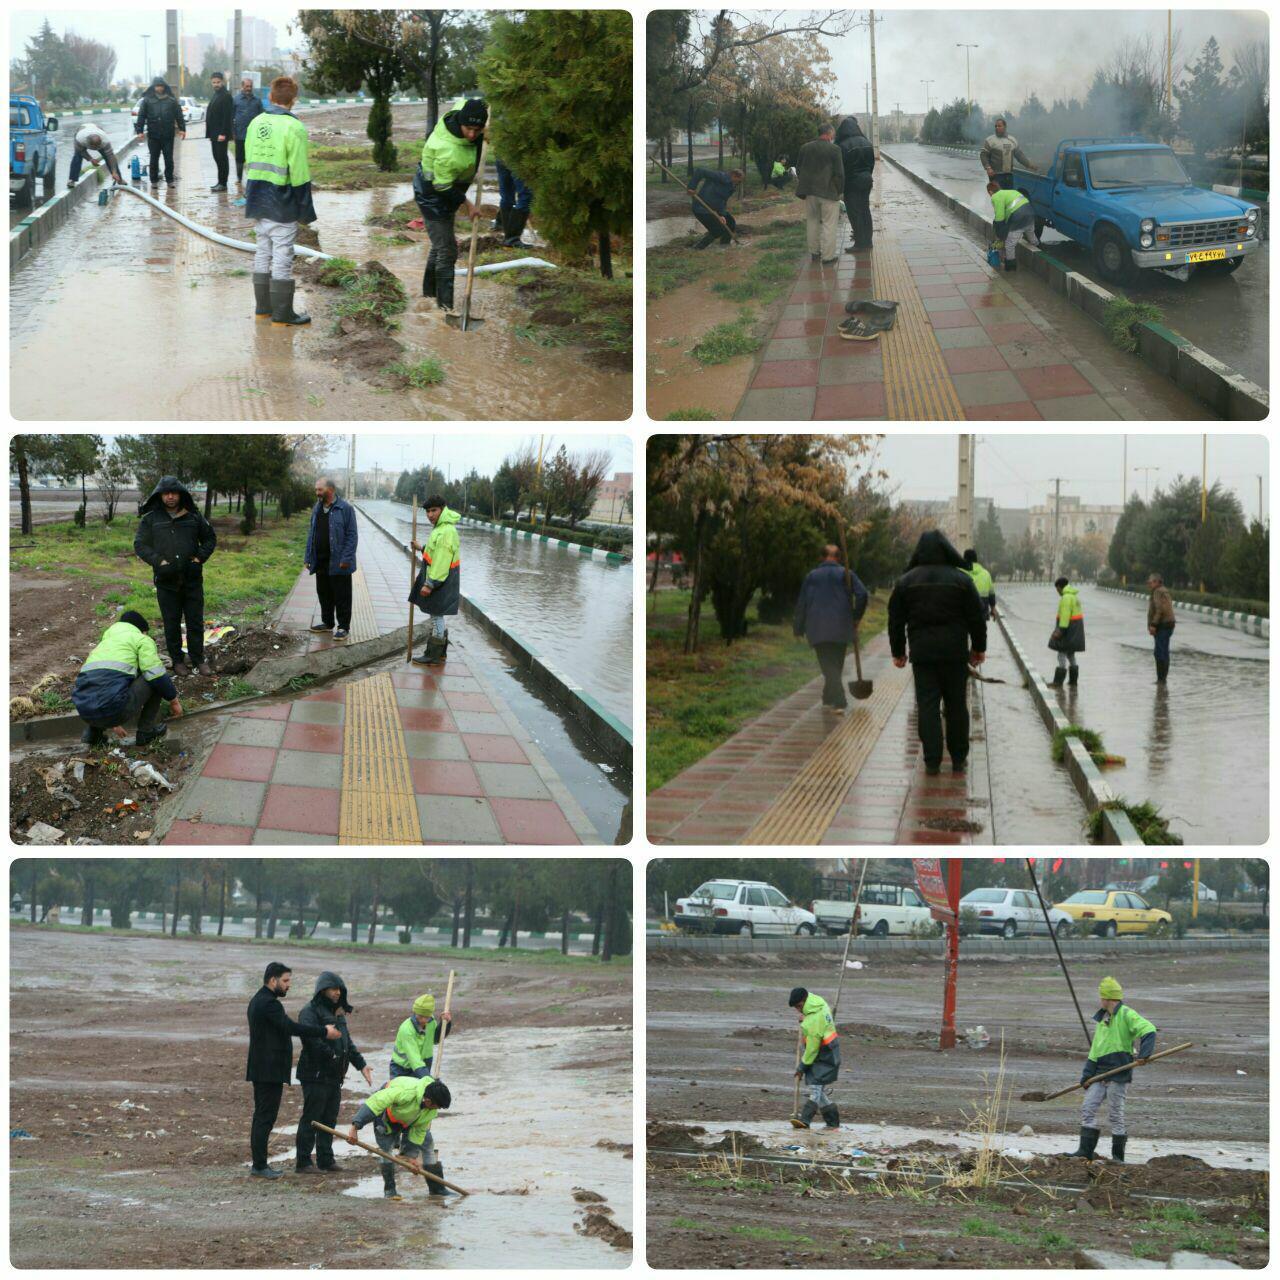 آماده باش کاملِ نیروهای ستاد مدیریت بحران شهرداری پرند در بارش های امروز